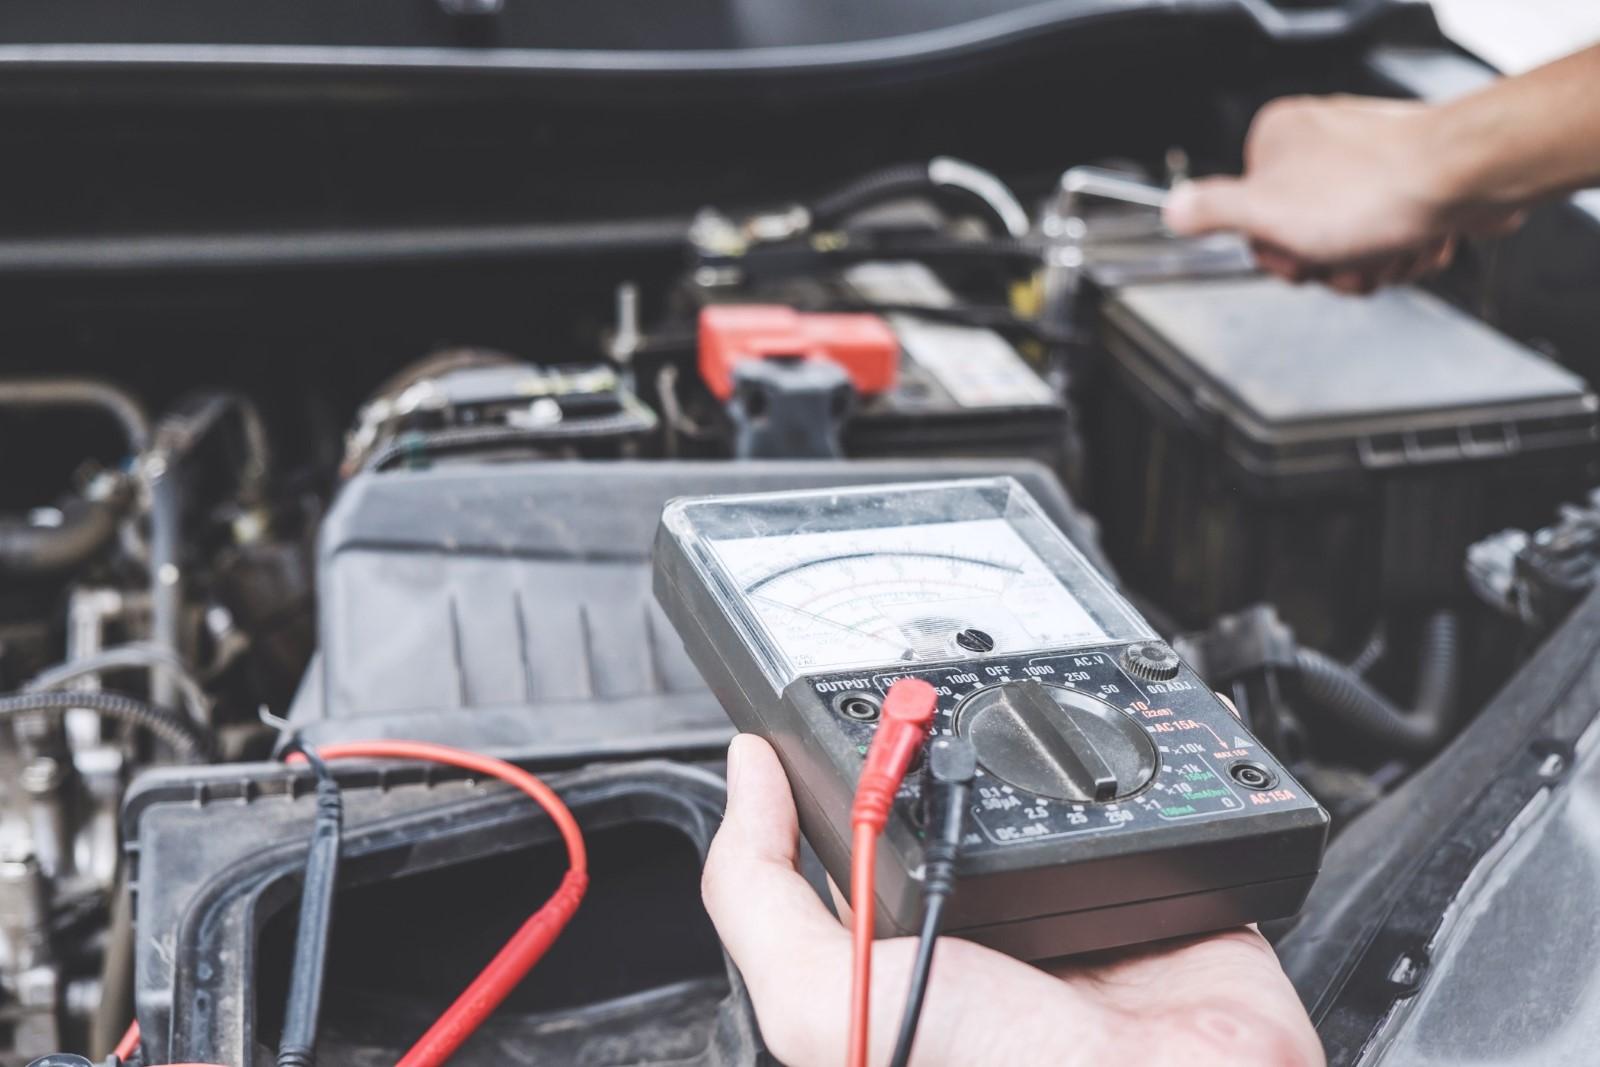 Controllo della Batteria Motore